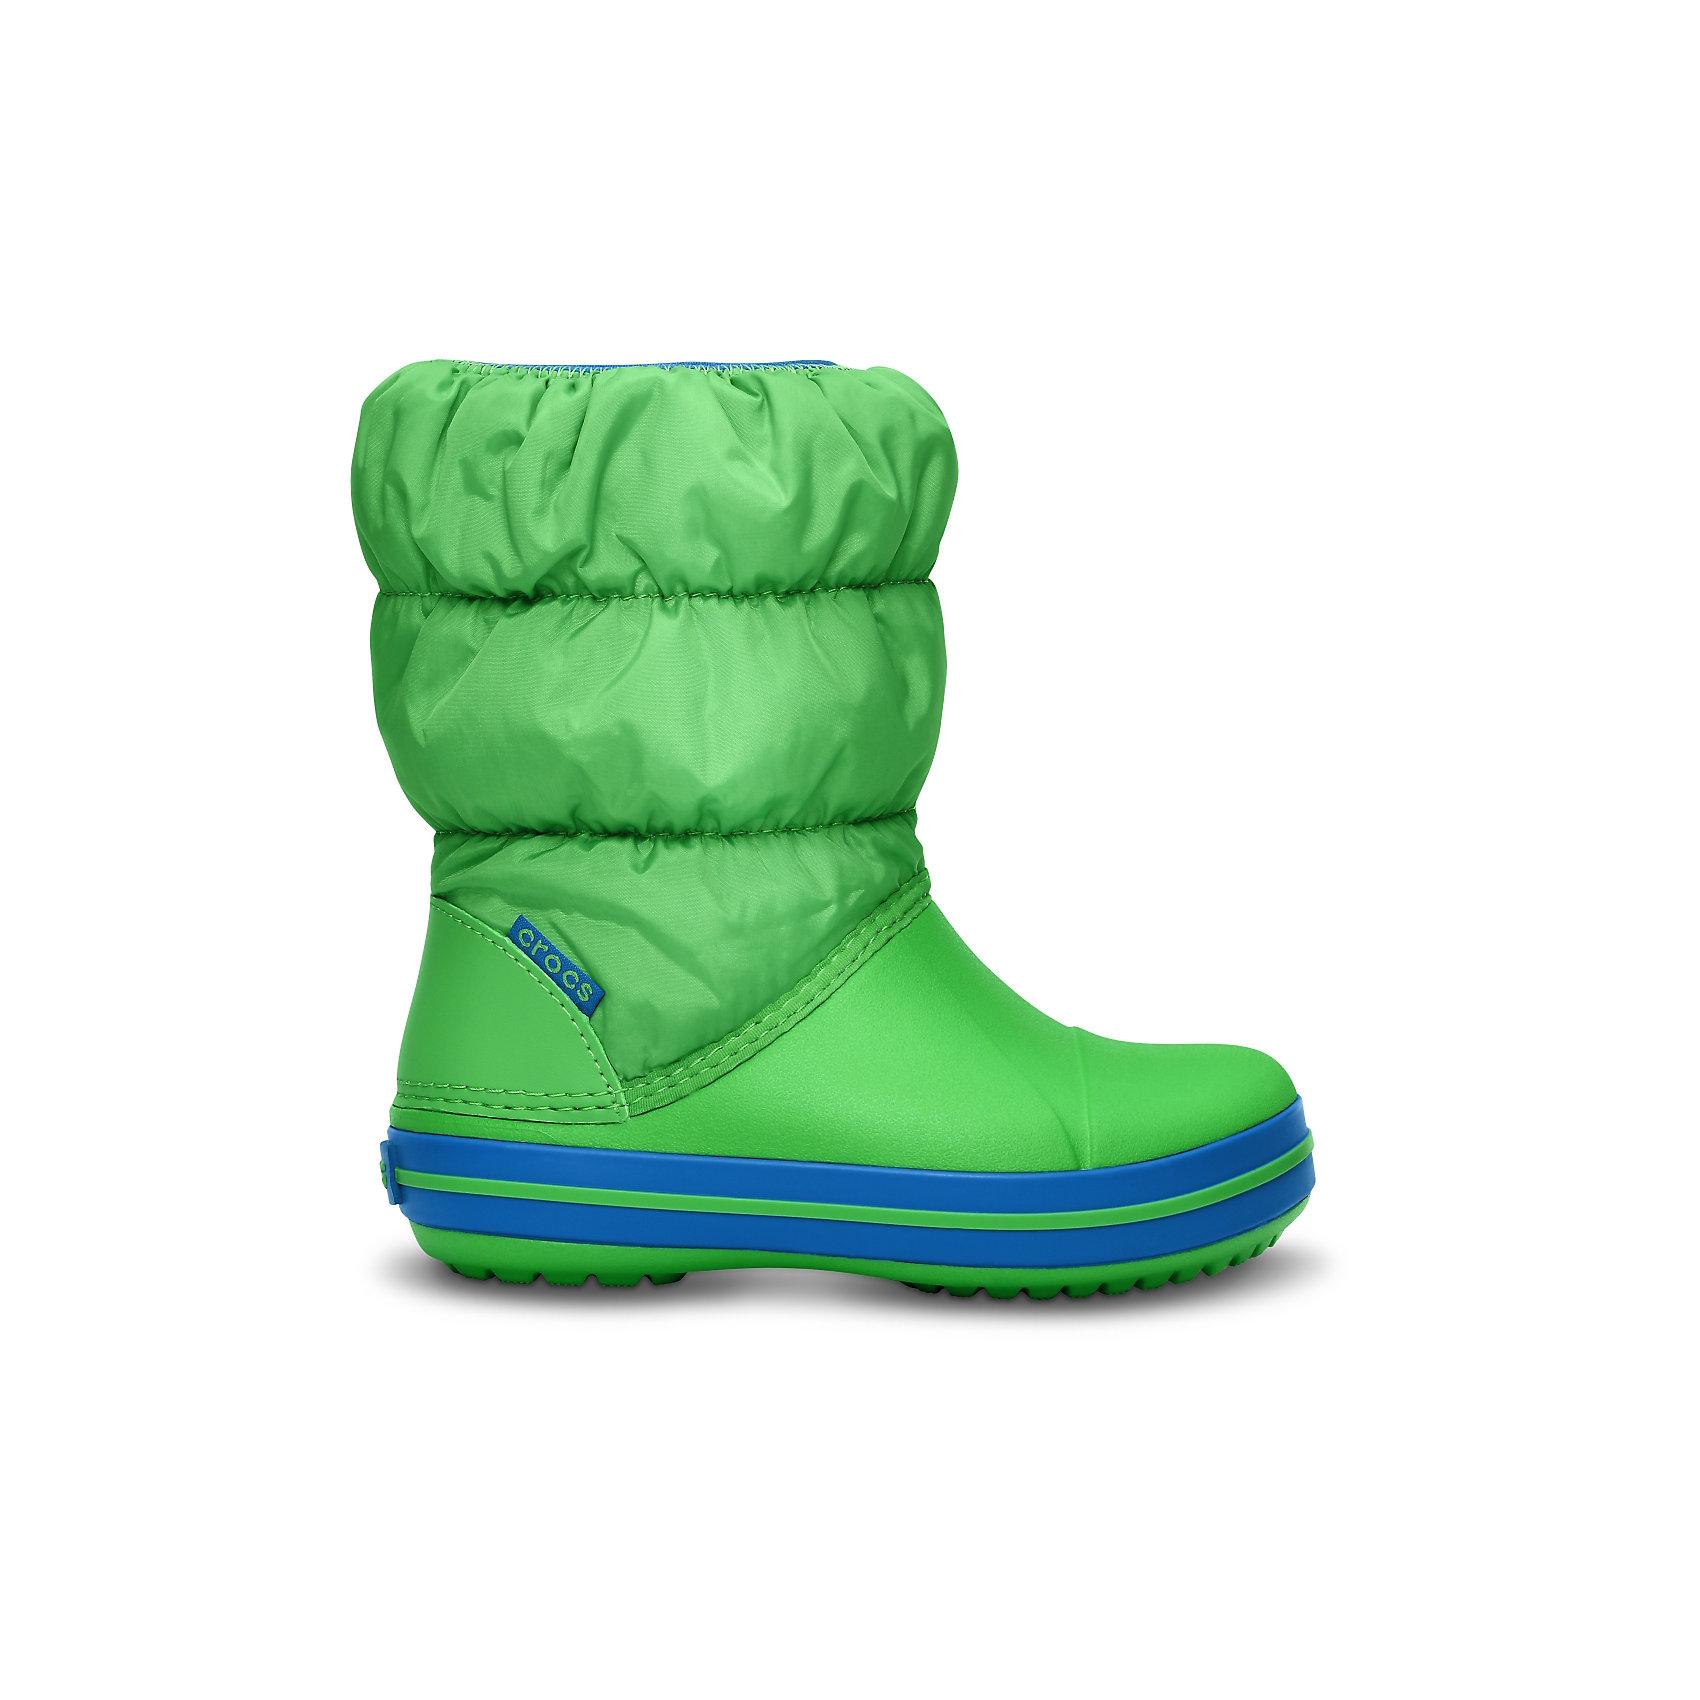 Сапоги Winter Puff Boot Kids CROCSХарактеристики товара:<br><br>• цвет: зеленый<br>• материал: верх - текстиль, низ -100% полимер Croslite™<br>• материал подкладки: текстиль<br>• непромокаемая носочная часть<br>• температурный режим: от -15° до +10° С<br>• легко очищаются<br>• антискользящая подошва<br>• резинка наверху<br>• толстая устойчивая подошва<br>• страна бренда: США<br>• страна изготовитель: Китай<br><br>Сапоги могут быть и стильными, и теплыми! Для детской обуви крайне важно, чтобы она была удобной. Такие сапоги обеспечивают детям необходимый комфорт, а теплая подкладка создает особый микроклимат. Сапоги легко надеваются и снимаются, отлично сидят на ноге. Материал, из которого они сделаны, не дает размножаться бактериям, поэтому такая обувь препятствует образованию неприятного запаха и появлению болезней стоп. Данная модель особенно понравится детям - ведь в них можно бегать по лужам!<br>Обувь от американского бренда Crocs в данный момент завоевала широкую популярность во всем мире, и это не удивительно - ведь она невероятно удобна. Её носят врачи, спортсмены, звёзды шоу-бизнеса, люди, которым много времени приходится бывать на ногах - они понимают, как важна комфортная обувь. Продукция Crocs - это качественные товары, созданные с применением новейших технологий. Обувь отличается стильным дизайном и продуманной конструкцией. Изделие производится из качественных и проверенных материалов, которые безопасны для детей.<br><br>Сапоги для мальчика от торговой марки Crocs можно купить в нашем интернет-магазине.<br><br>Ширина мм: 257<br>Глубина мм: 180<br>Высота мм: 130<br>Вес г: 420<br>Цвет: зеленый<br>Возраст от месяцев: 36<br>Возраст до месяцев: 48<br>Пол: Унисекс<br>Возраст: Детский<br>Размер: 24,29,28,23,30,27,34/35,33/34,31/32,26,25<br>SKU: 5027481